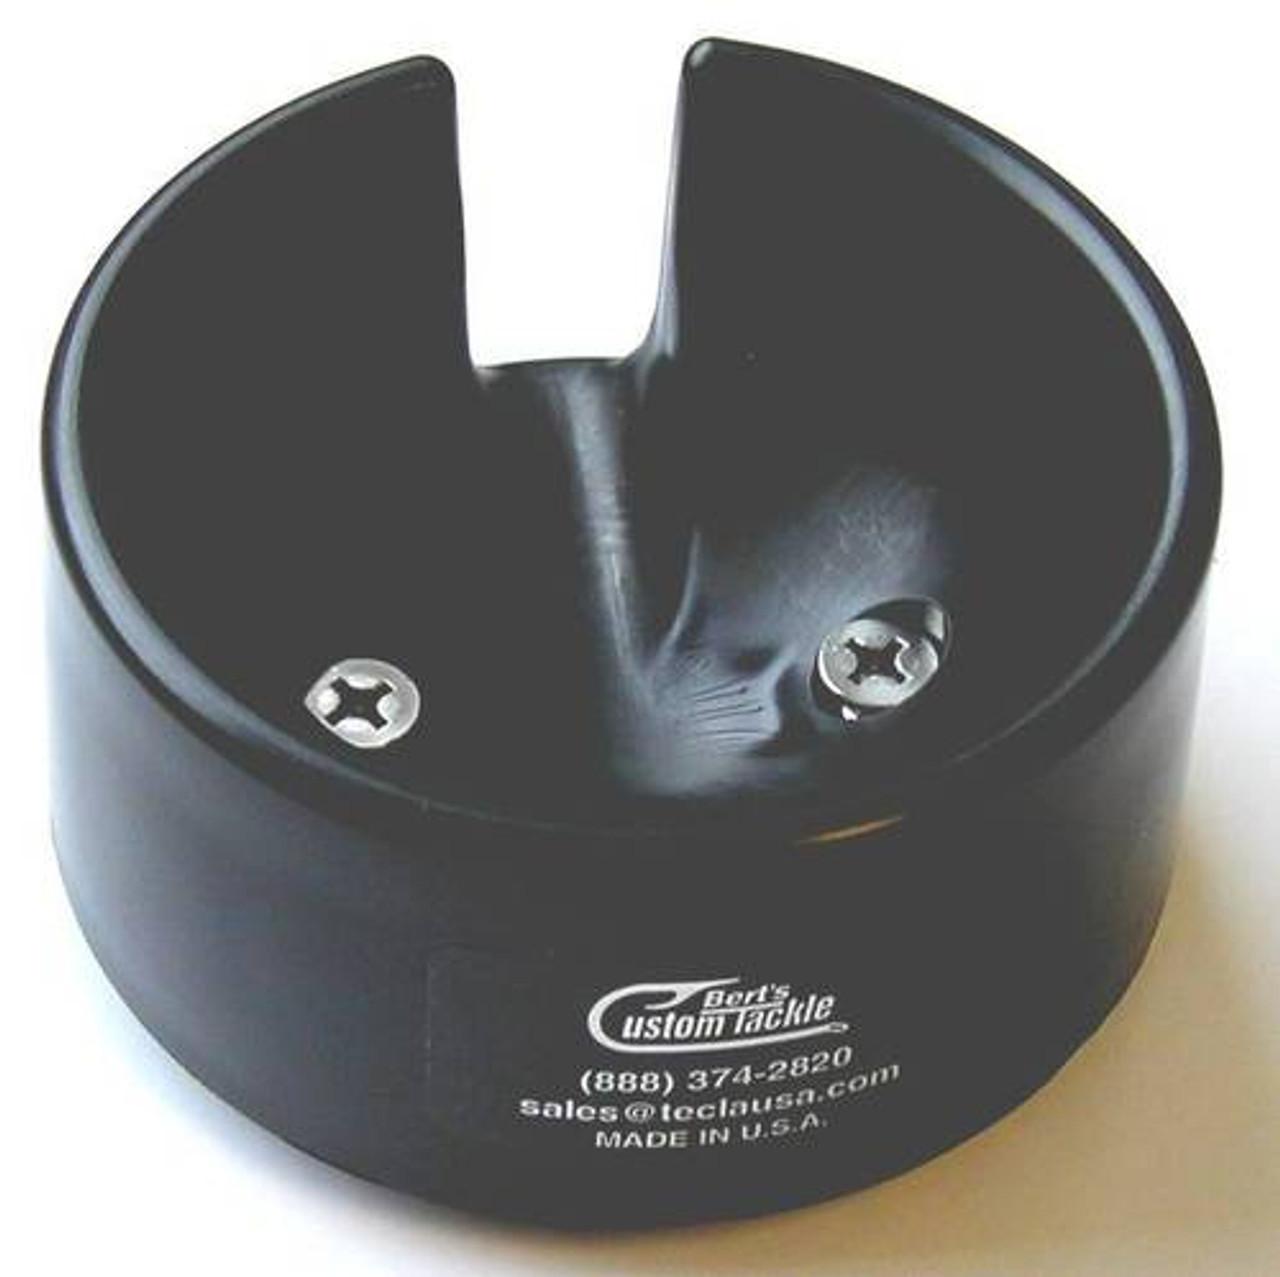 Bert's Custom Tackle Metal Weight Mate Holder MF3638